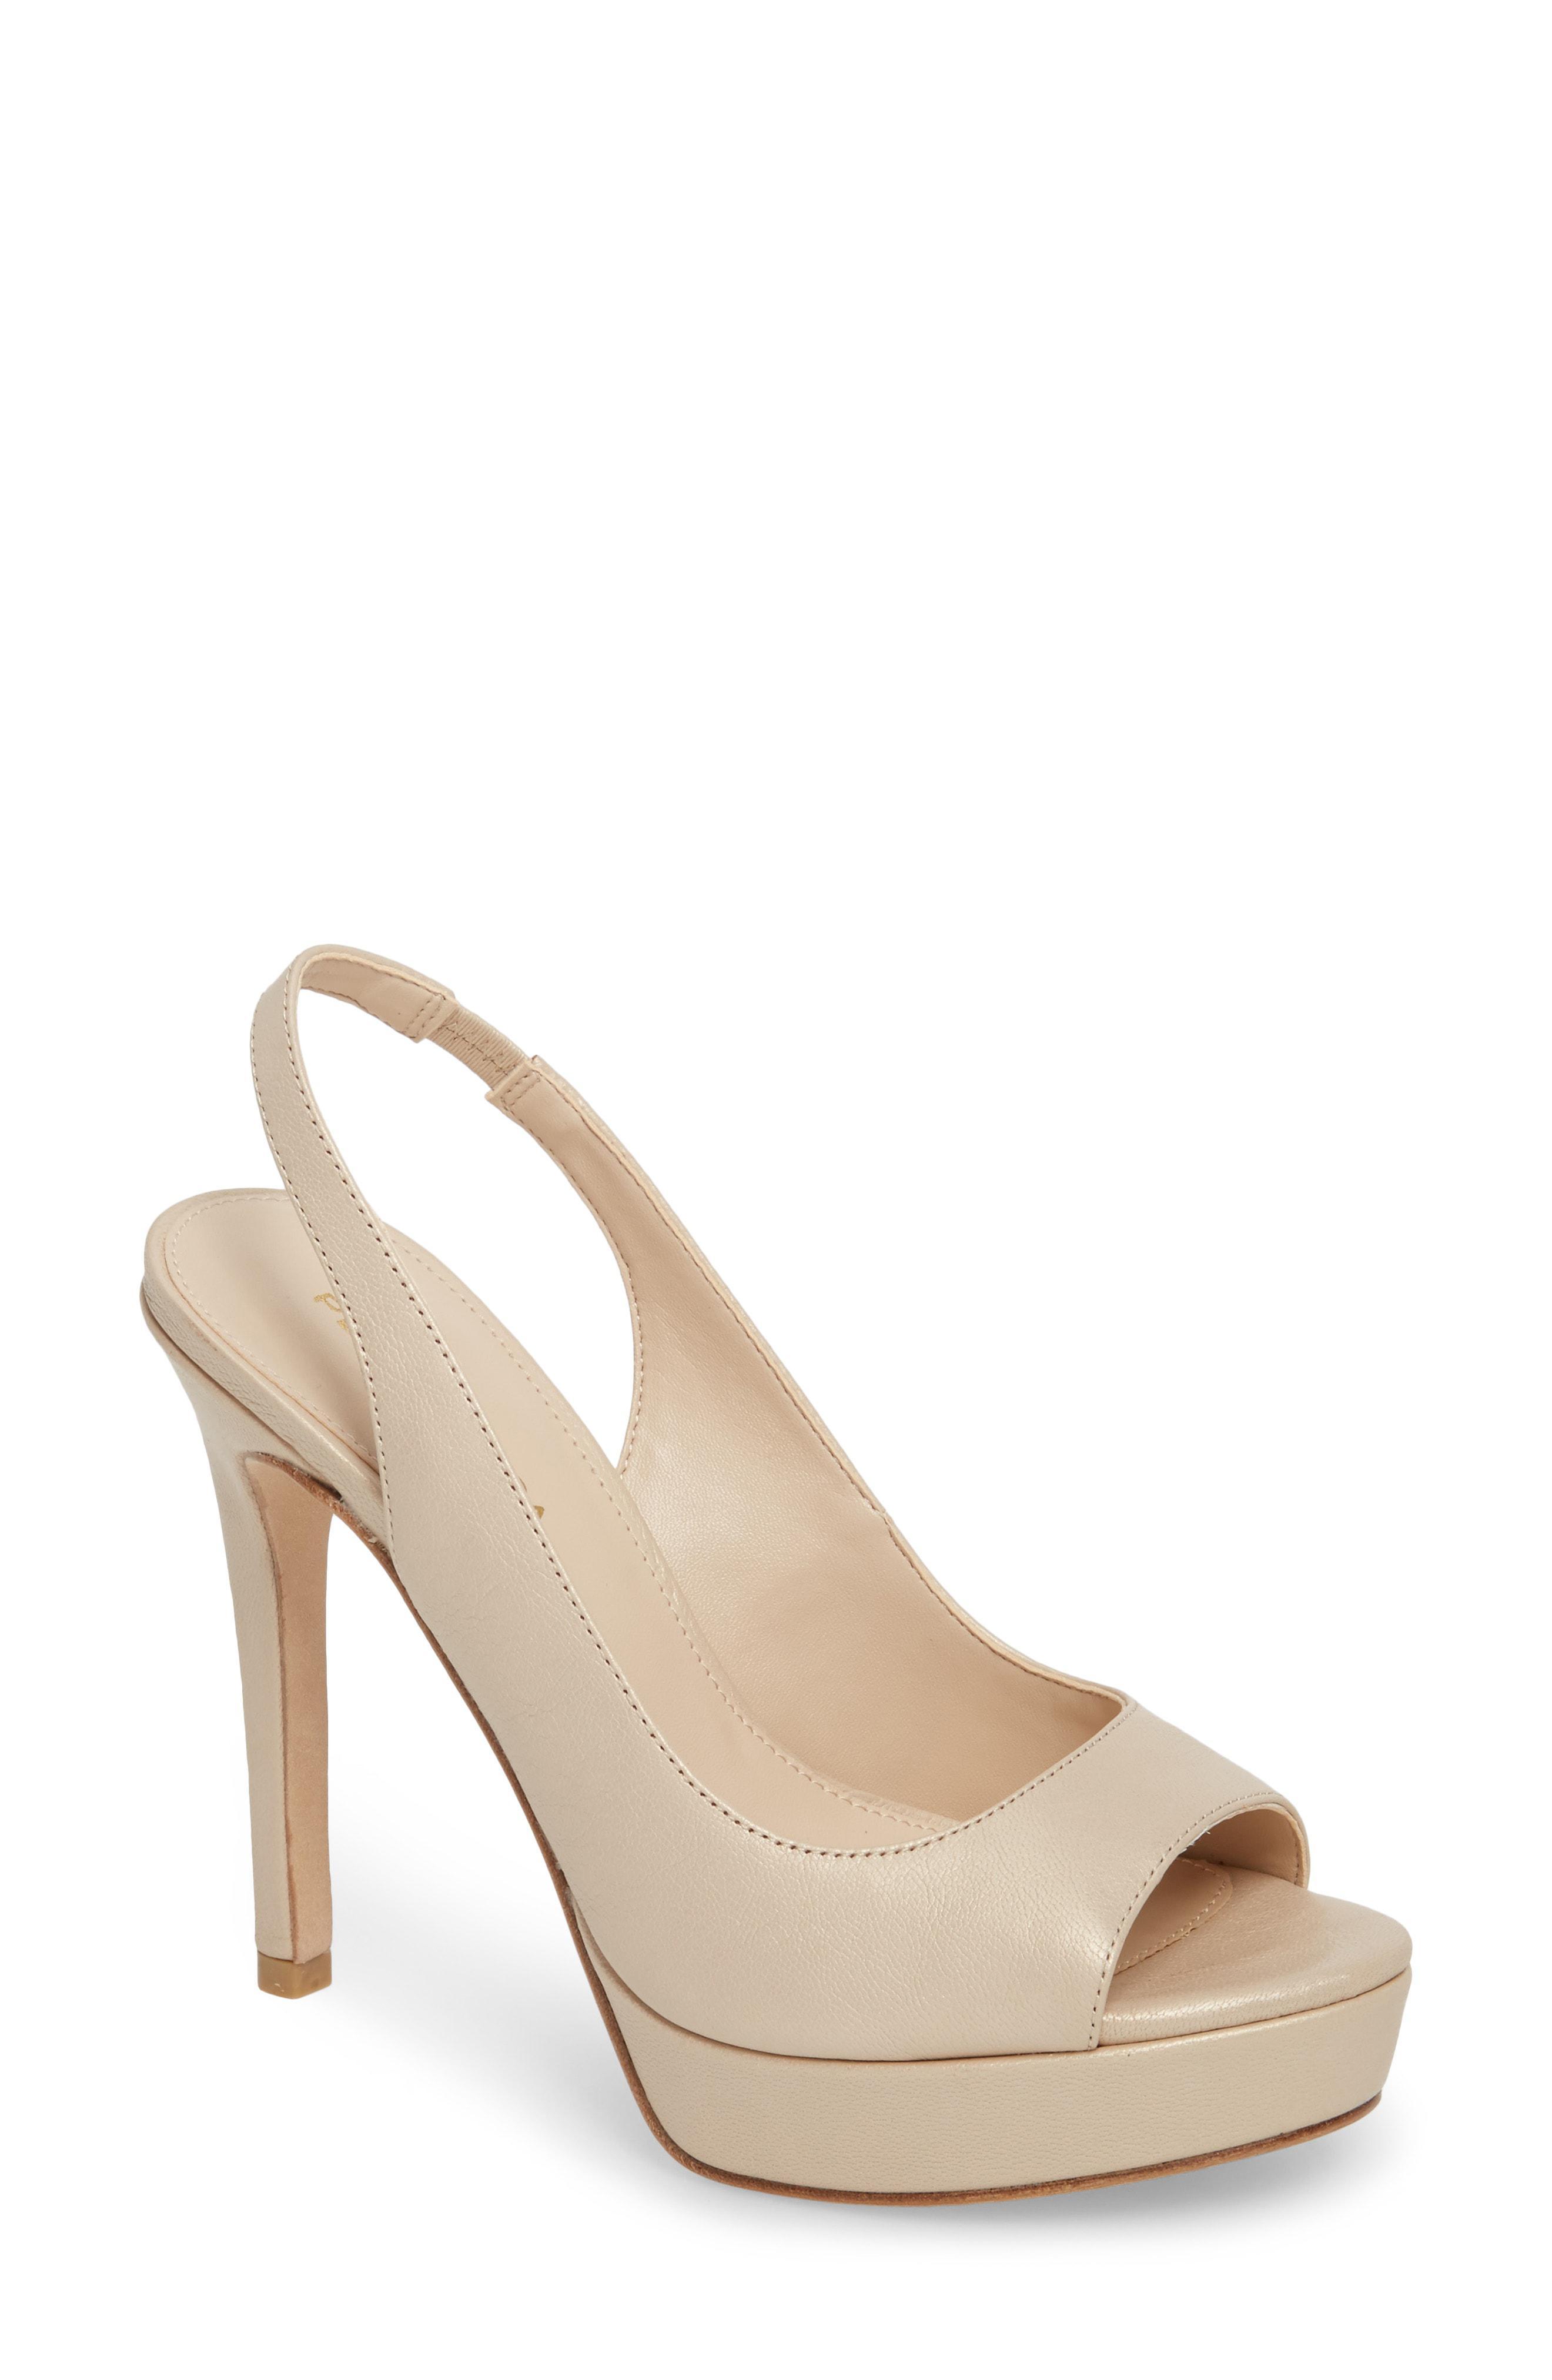 e99e0c3717f Lyst - Pelle Moda Oana Slingback Platform Sandal in White